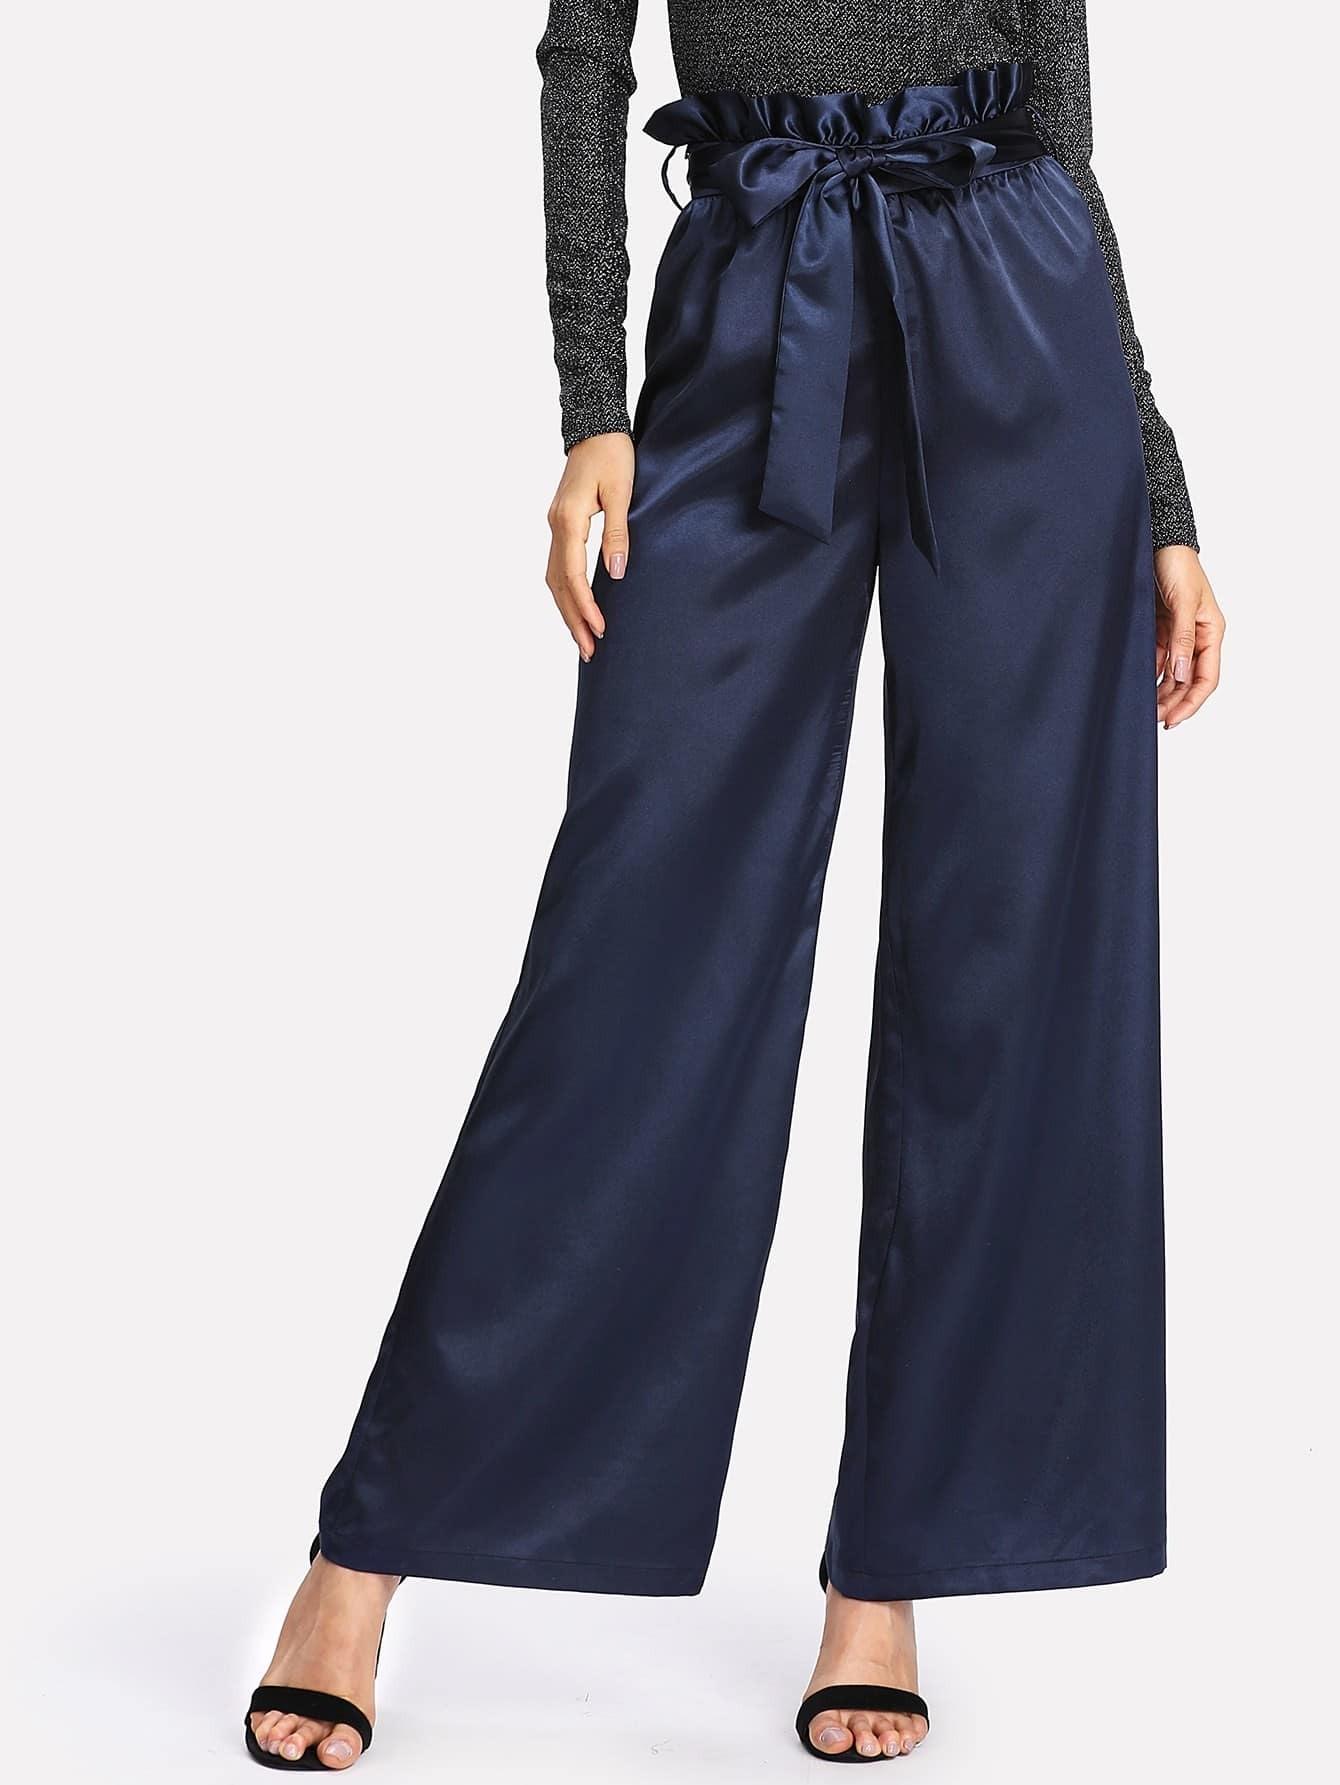 Belted Ruffle Waist Satin Palazzo Pants ruffle waist belted peg pants